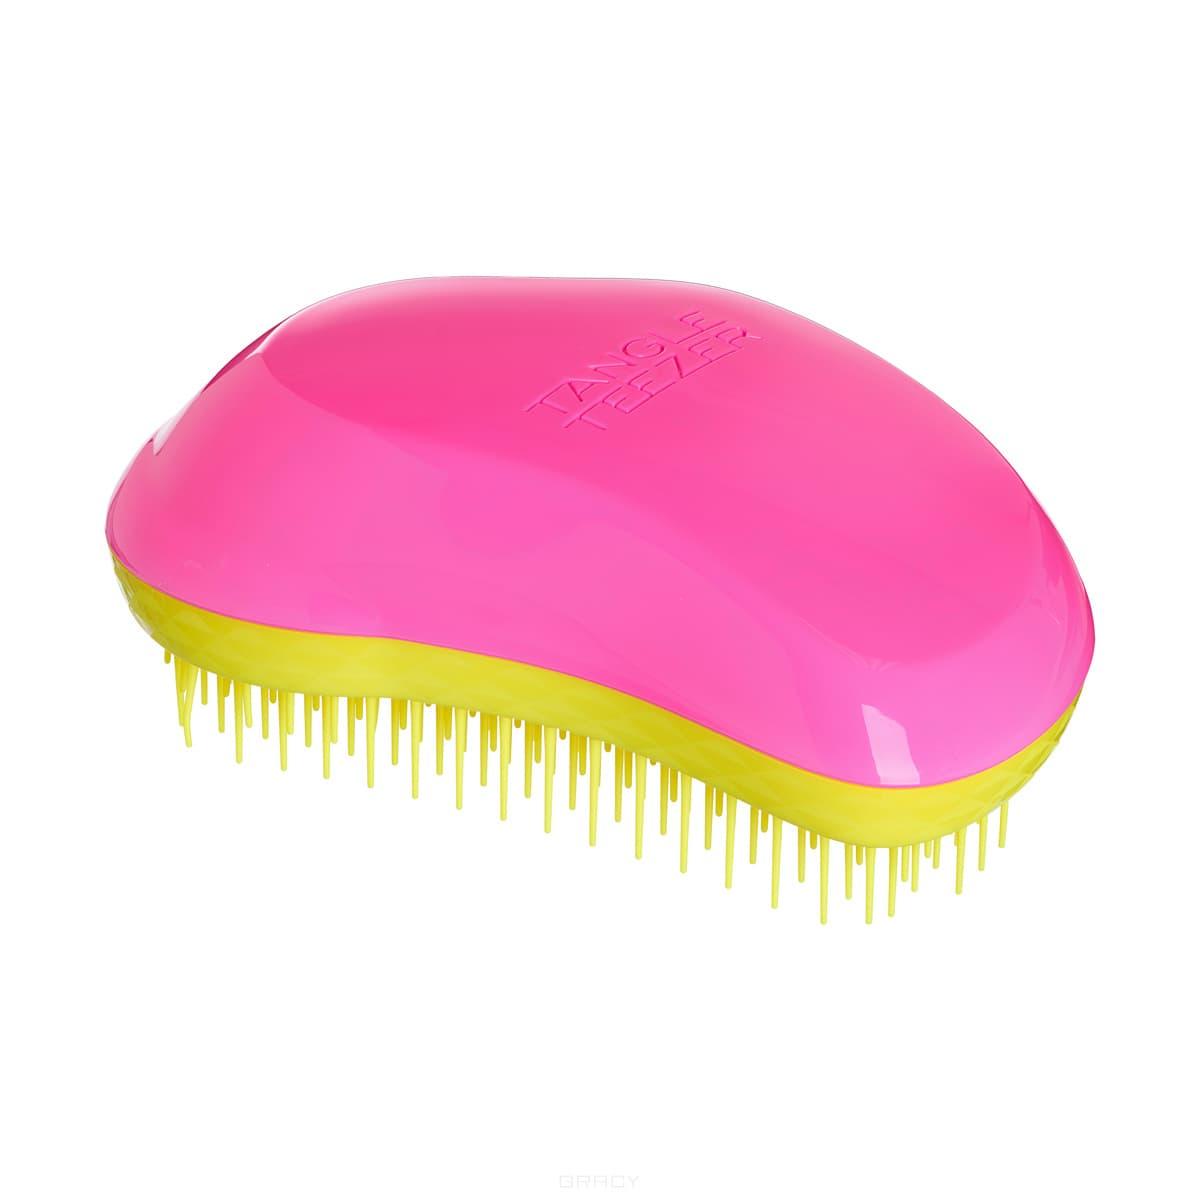 Расческа для волос The Original Pink RebelЛимитированная модель Tangle Teezer The Original Pink Rebel с ярким сочетанием летних неоновых оттенков: розового и жёлтого! Создана знаменитым британским стилистом Шоном Палфри, у которого за плечами более тридцати лет опыта работы в индустрии. Эргономичная форма Tangle Teezer The Original позволяет легко расчёсывать как сухие, так и влажные волосы. Благодаря уникальному строению зубчиков, расчёска мягко скользит по волосам, не повреждая и не травмируя их. После использования расчёски волосы приобретают здоровый вид и блеск, становясь гладкими и шелковистыми. Подходит для любого типа волос, включая наращенные и окрашенные. Яркий или лаконичный дизайн - выбирайте аксессуар в зависимости от своего настроения!<br>